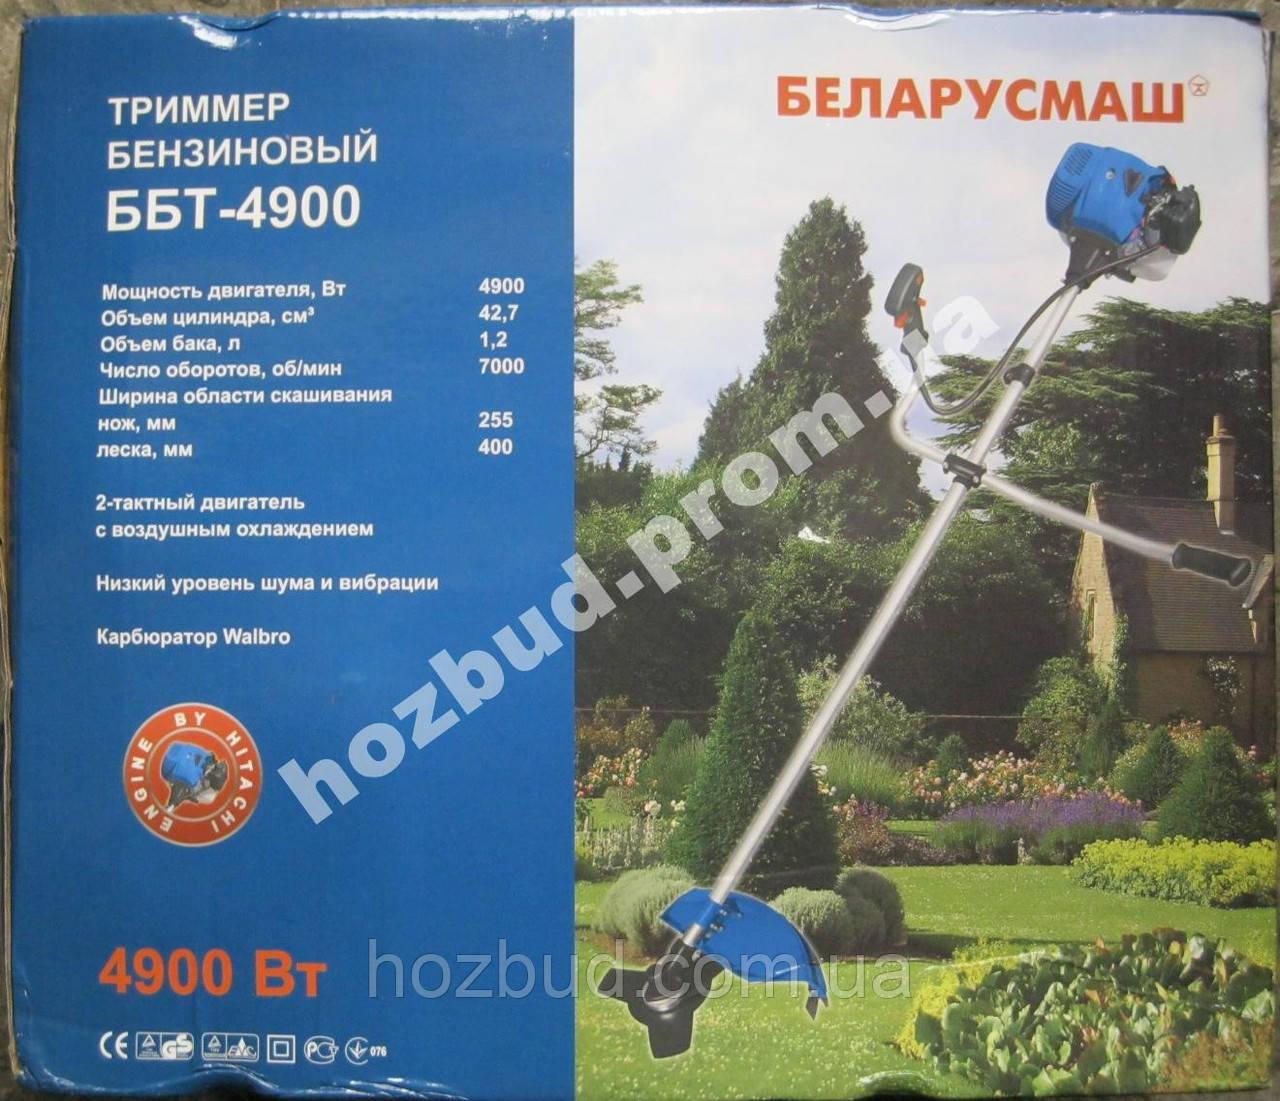 Тример бензиновый Беларусмаш ББТ-4900